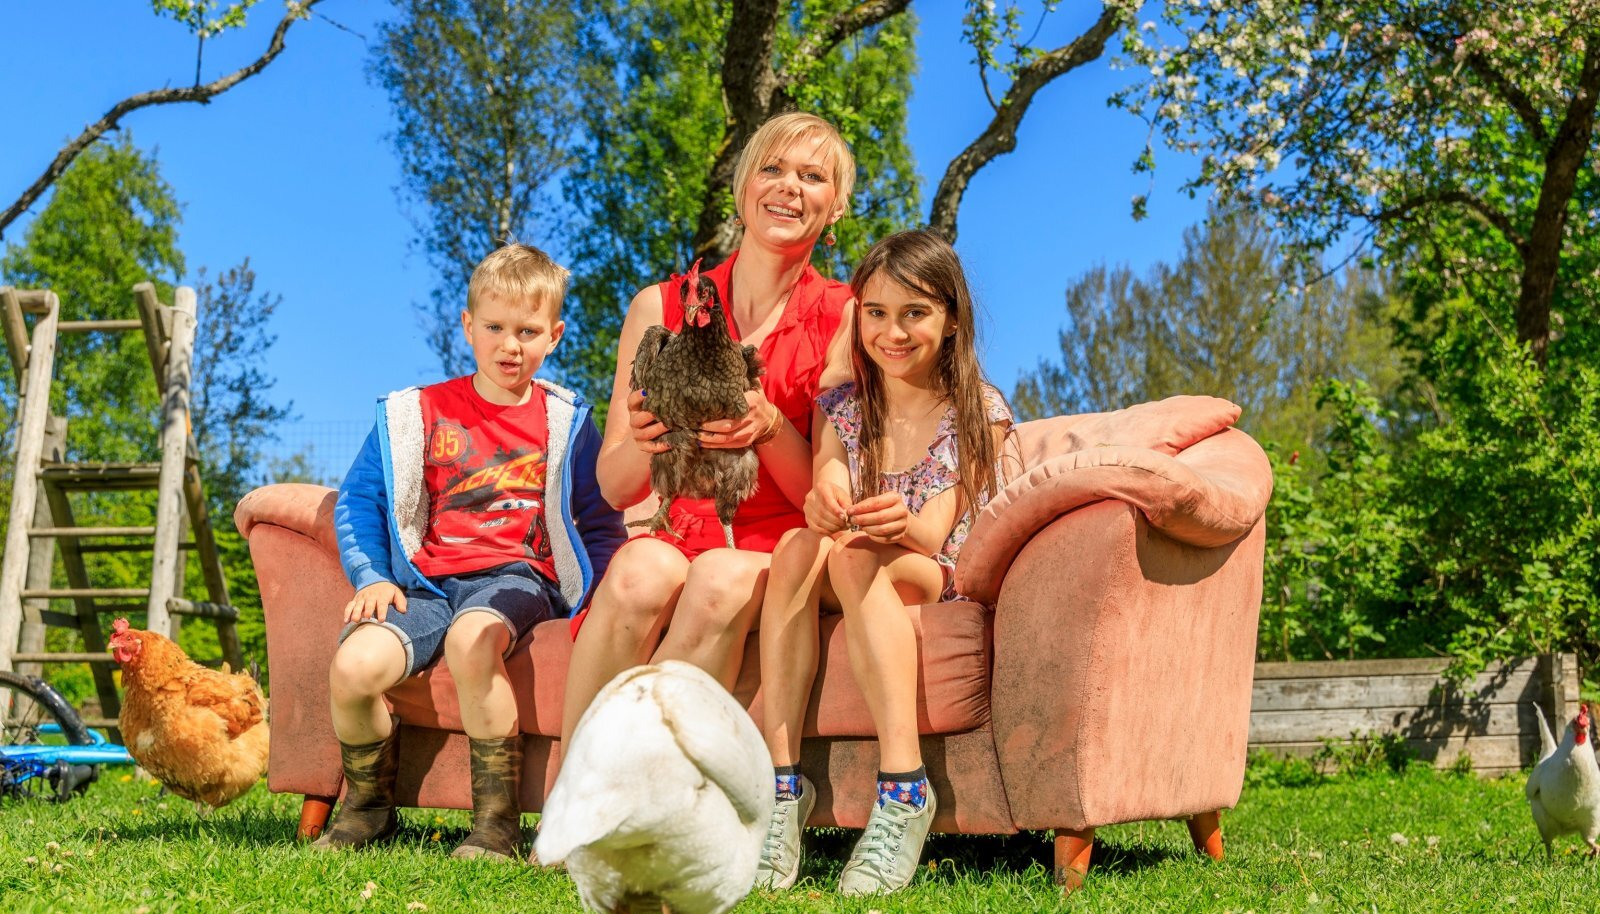 NAUDIB TALUELU Heidi naudib talupidamist oma kodusaarel Saaremaal Pajuvärava talus koos tütre Uma Säsili ja poja Hendrik Rajuga. Hea meelega tutvustavad nad maaelu ka linnainimestele.